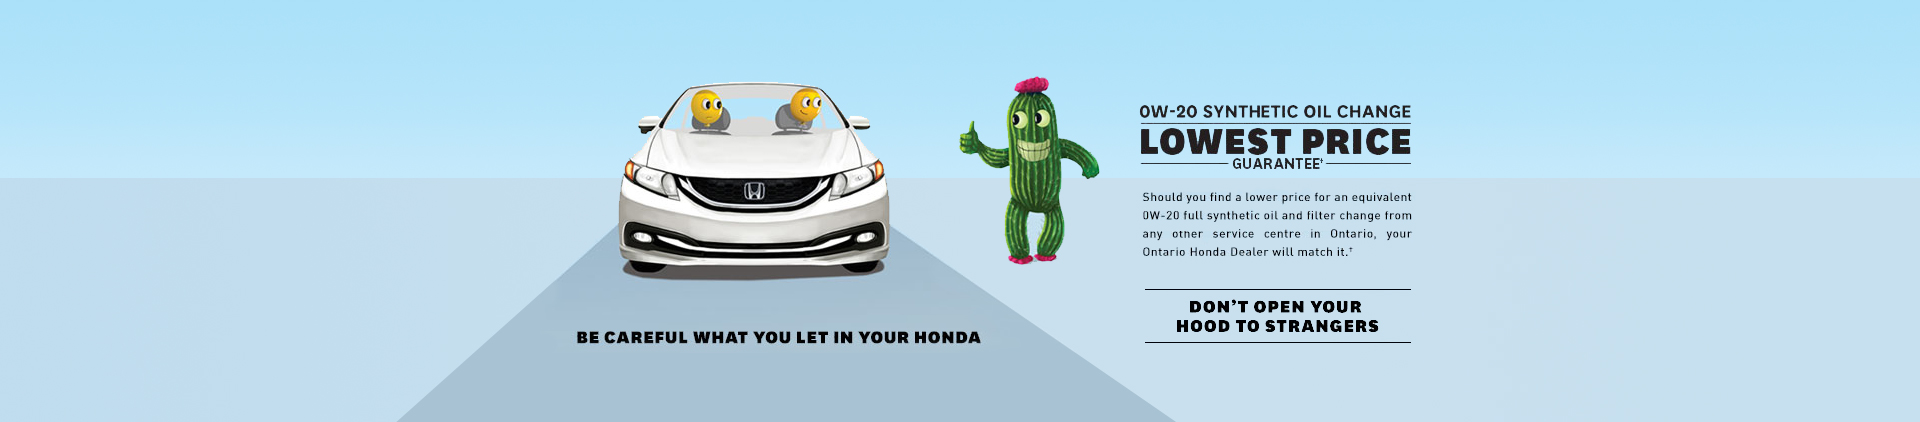 Toronto honda dealership toronto honda dealer ontario for Honda dealership oil change price